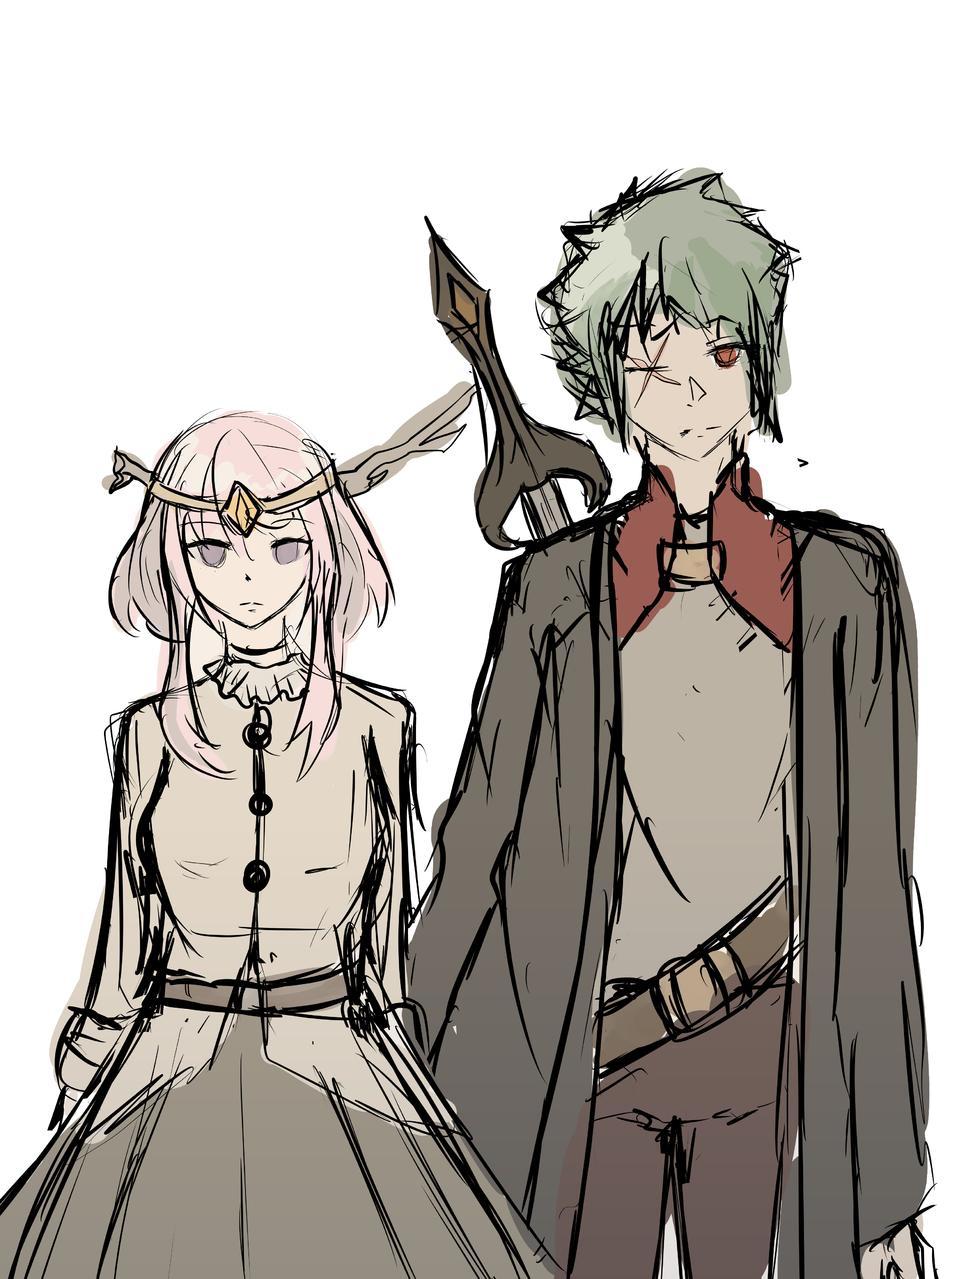 aiko and haruto